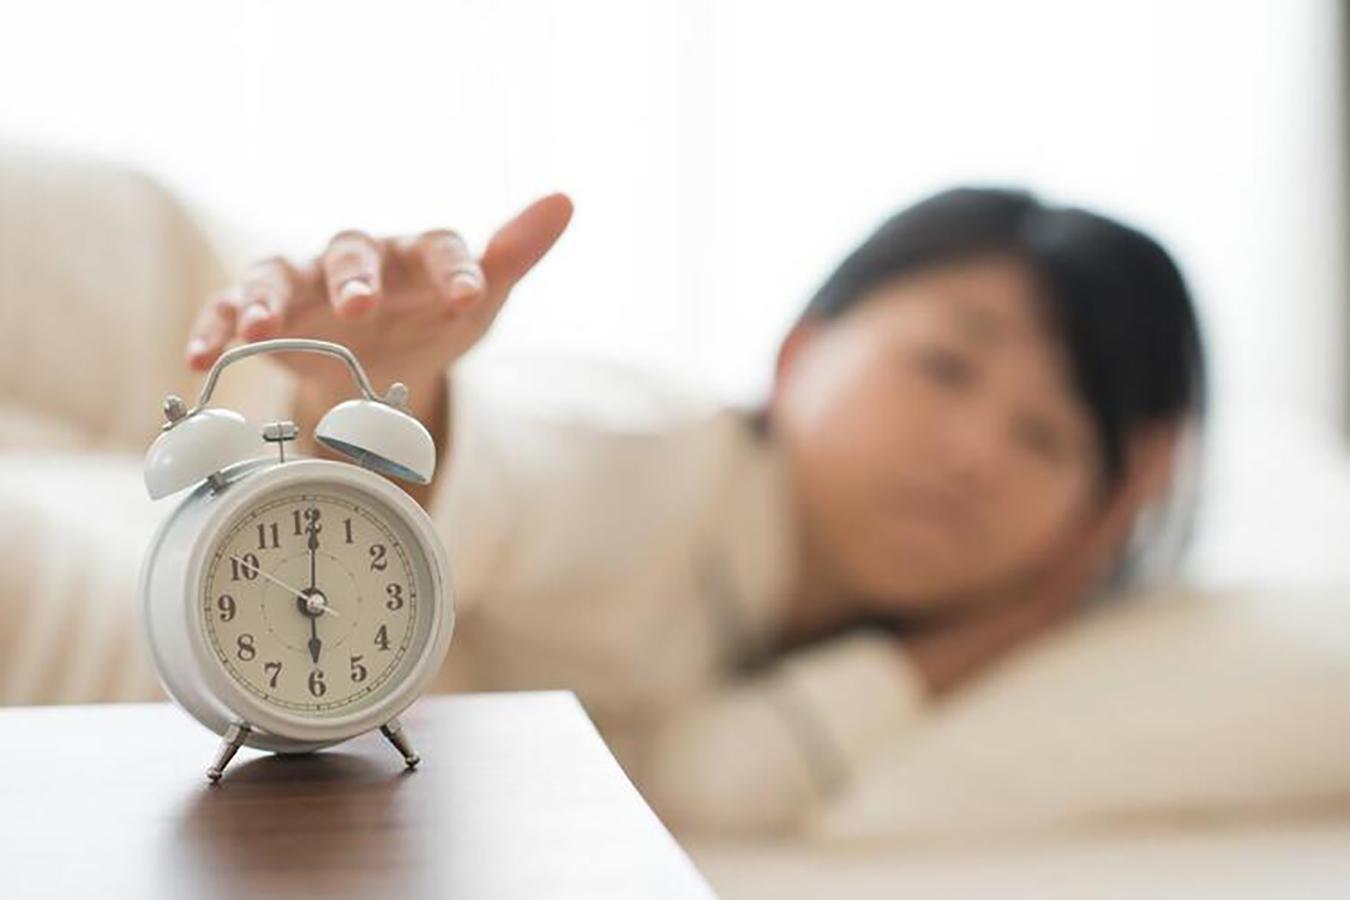 睡眠負債とは? 健康リスクと経済への悪影響について解説